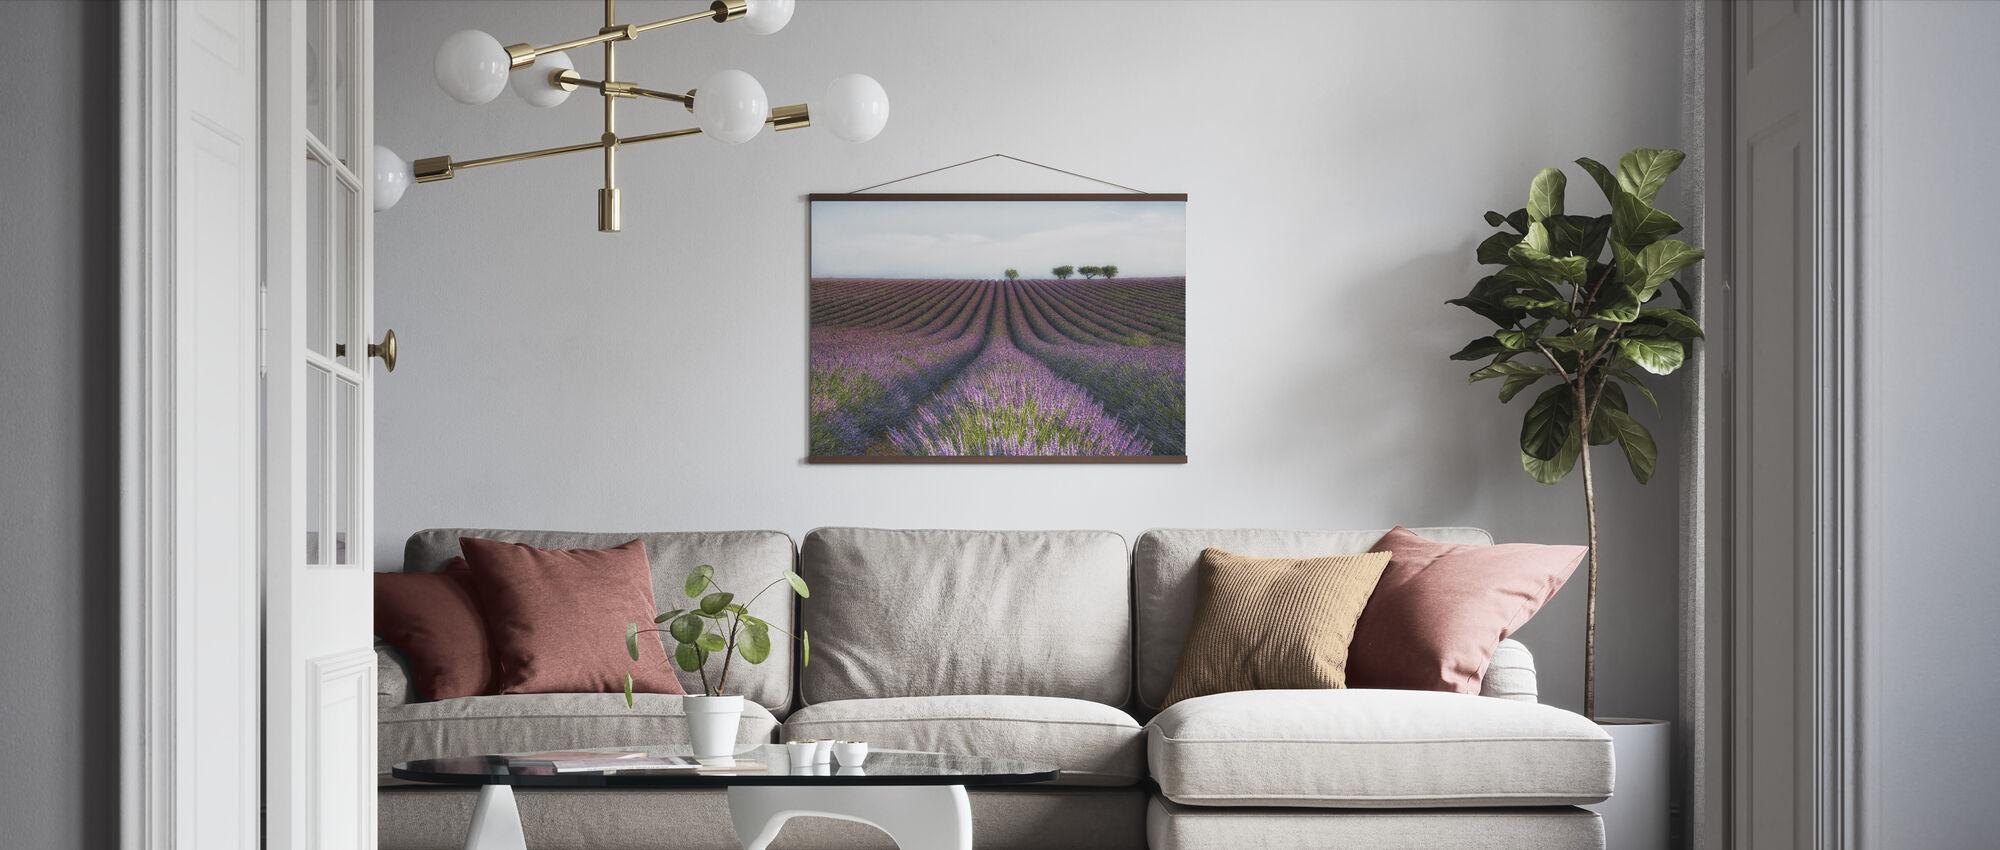 Lavendel sammet - Poster - Vardagsrum